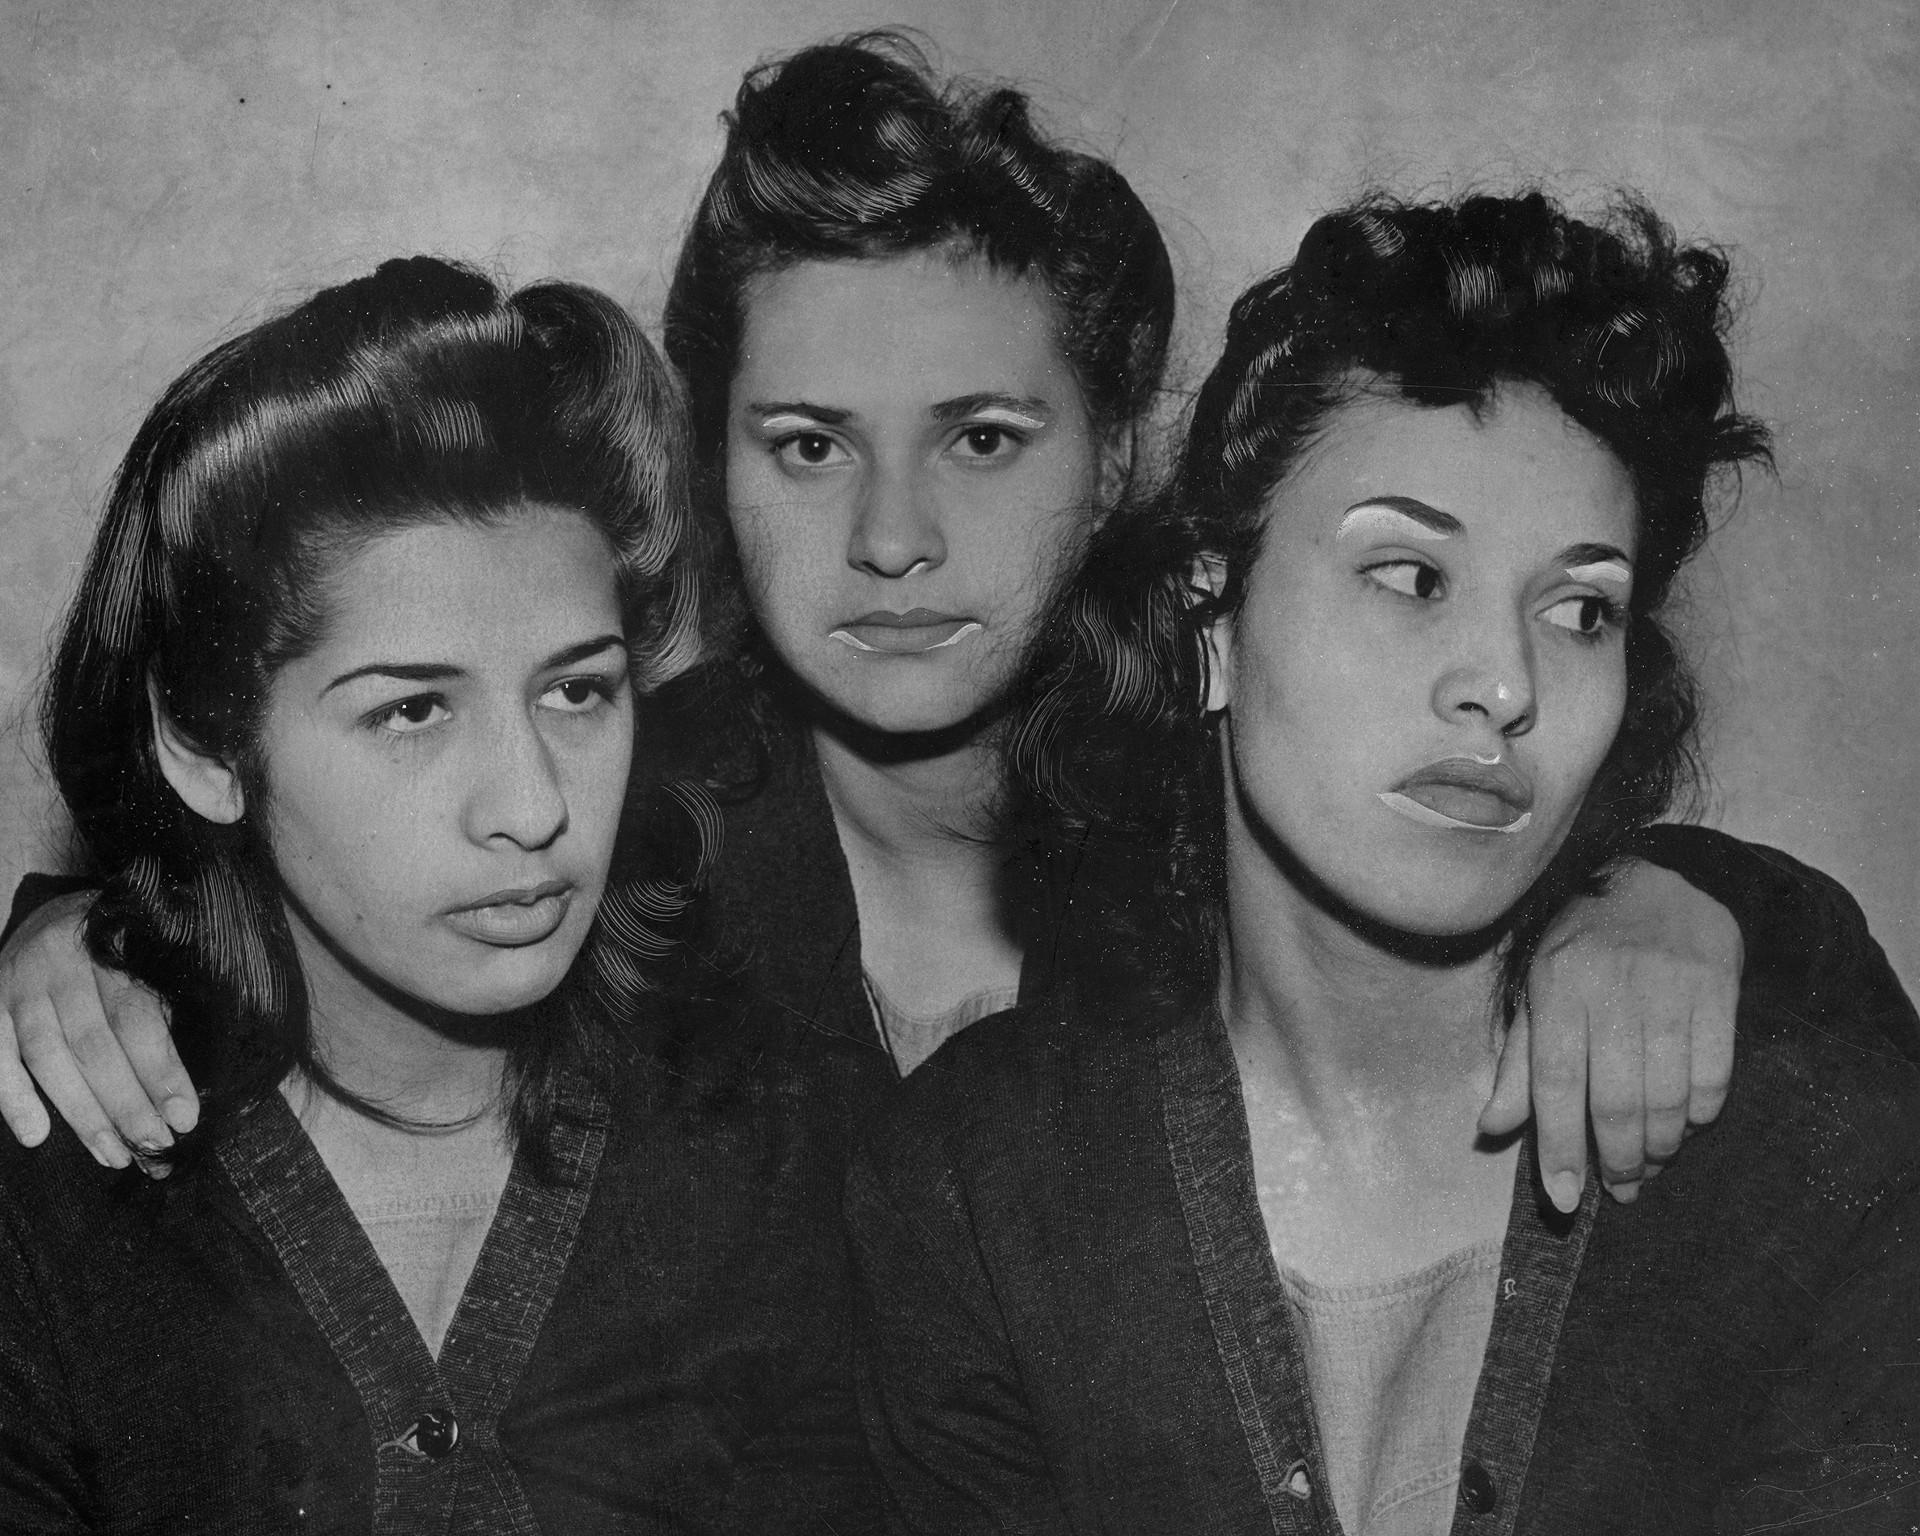 De izquierda a derecha: Alba Barrios, Francis Silva y Lorena Encinas en prisión acusadas de participar en la revuelta zoot suit de 1943. Fotografía: Herald-Examiner Collection/Los Angeles Public Library